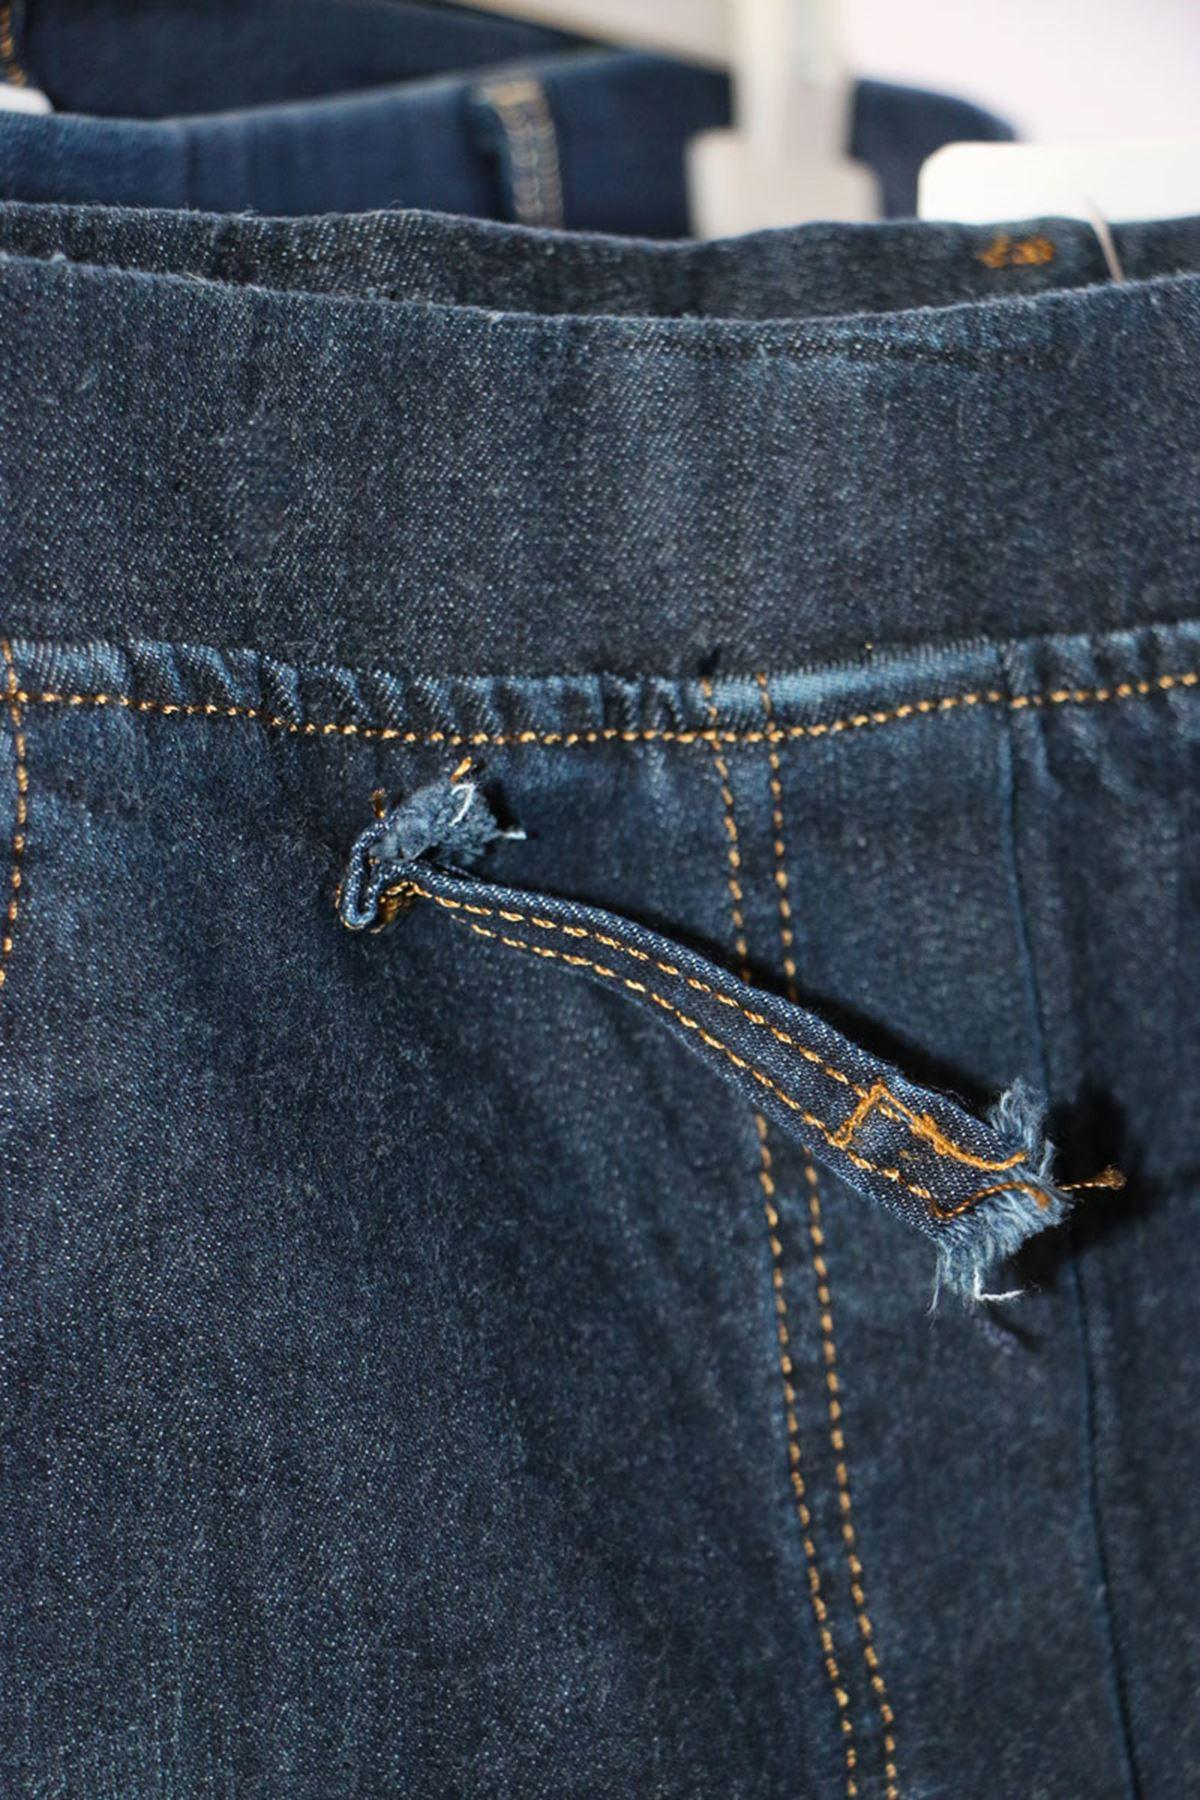 9138 بنطلون جينز ضيق الساق و مقاس كبير- الانتراسيت